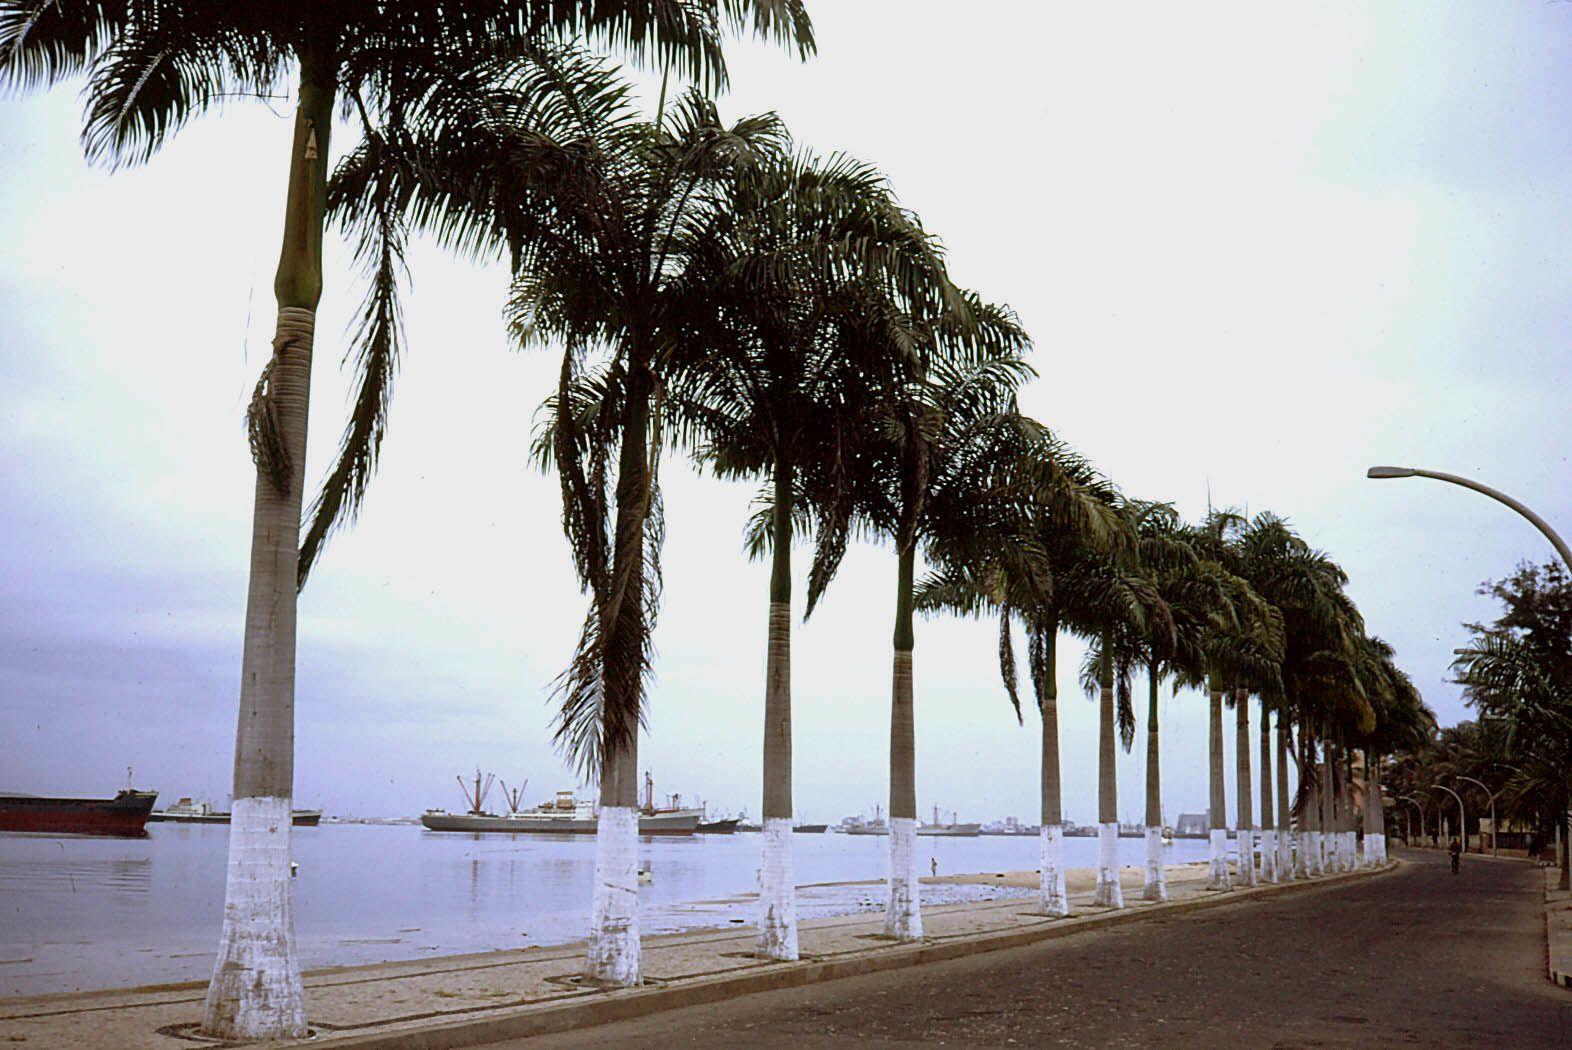 Lobito : à nouveau un magnifique port naturel. Après quelques photos nous nous dirigeons vers Benguela à travers des salines où flânent quelques flamants roses.             Une fois installés au camping  de Benguela, un petit vent frisquet nous fait vite dîner et rentrer sous la tente. Ici on parle à peine des évènements de Luanda, tout semble calme et normal ....?